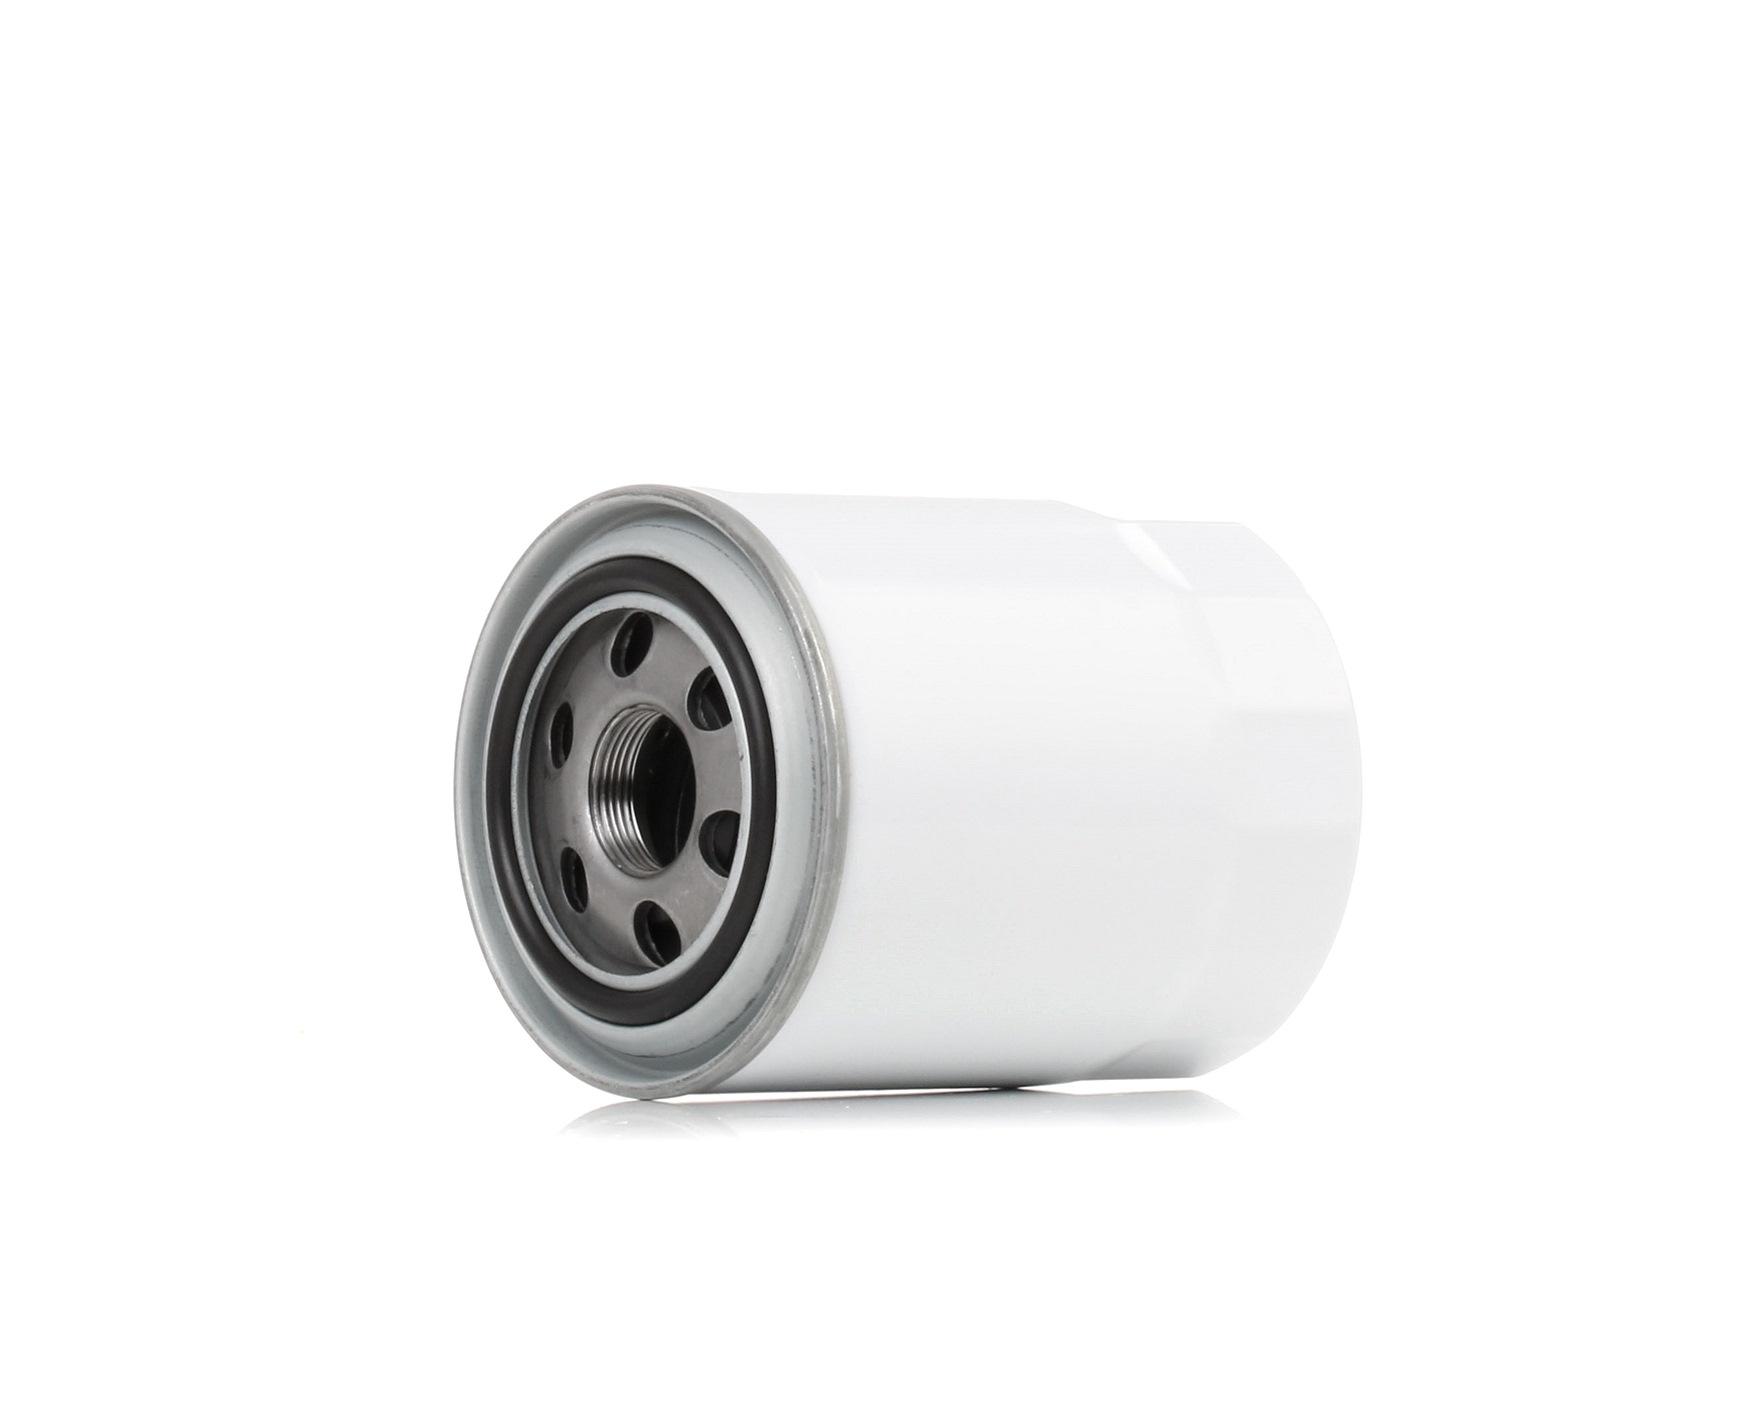 SKOF-0860056 STARK Filtro enroscable, con válvula bloqueo de retorno Diám. int. 2: 62mm, Diám. int. 2: 62mm, Ø: 94mm, Diámetro exterior 2: 72mm, Altura: 120mm Filtro de aceite SKOF-0860056 a buen precio